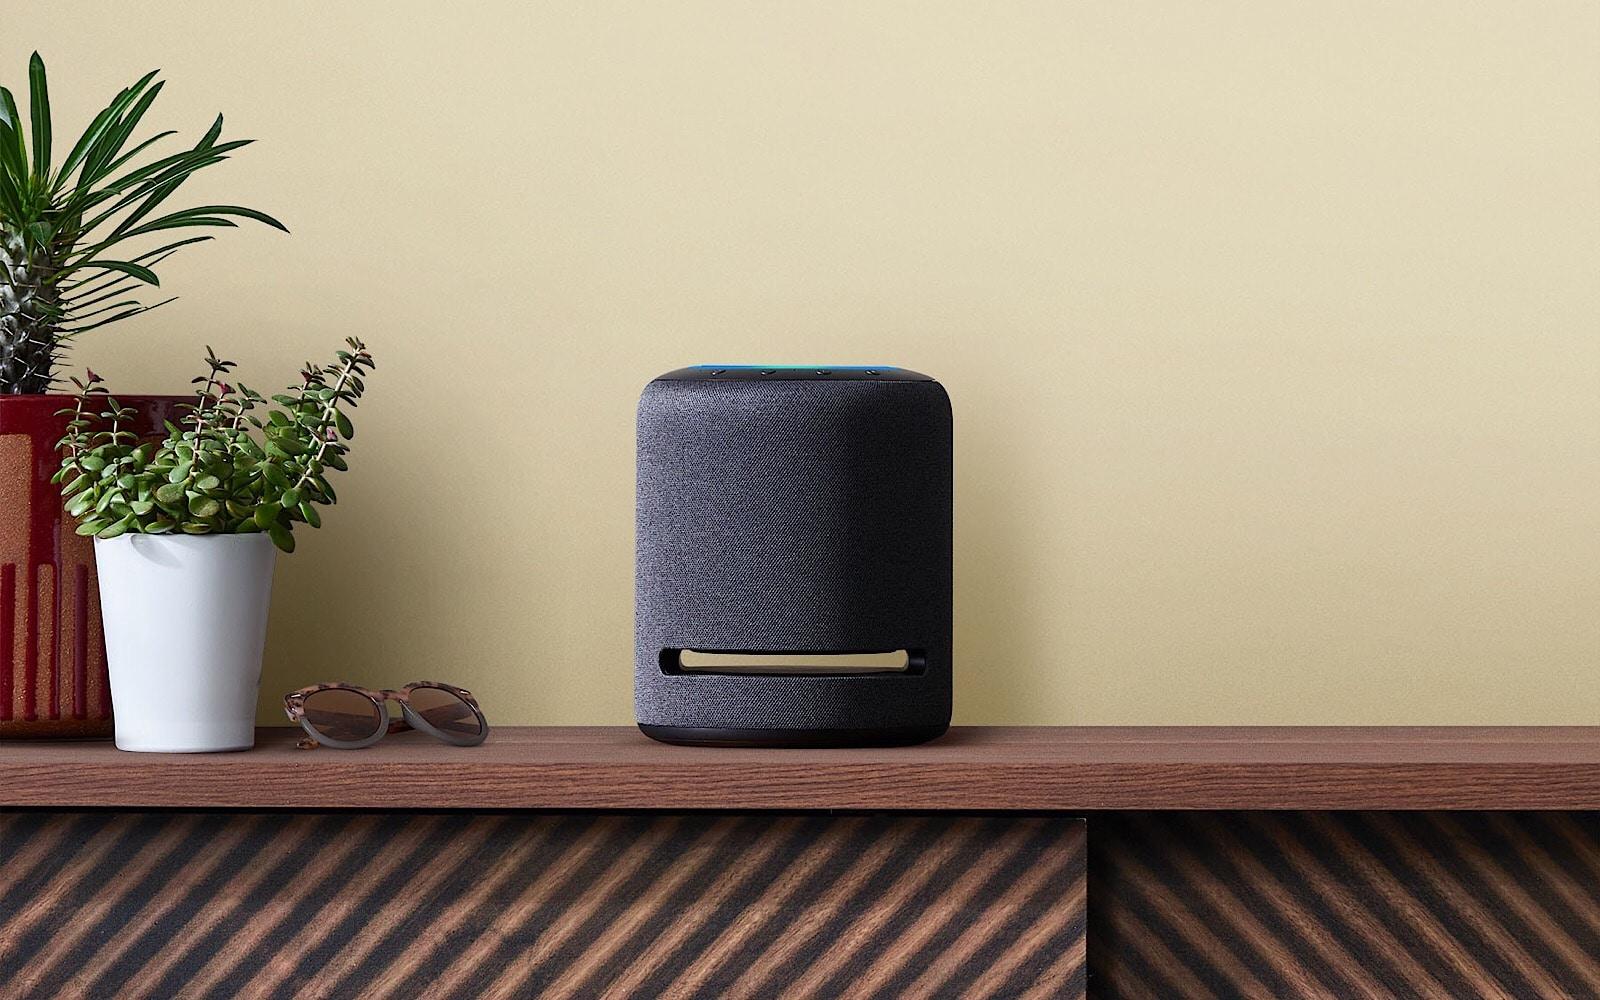 Amazon Echo Studio (2019)